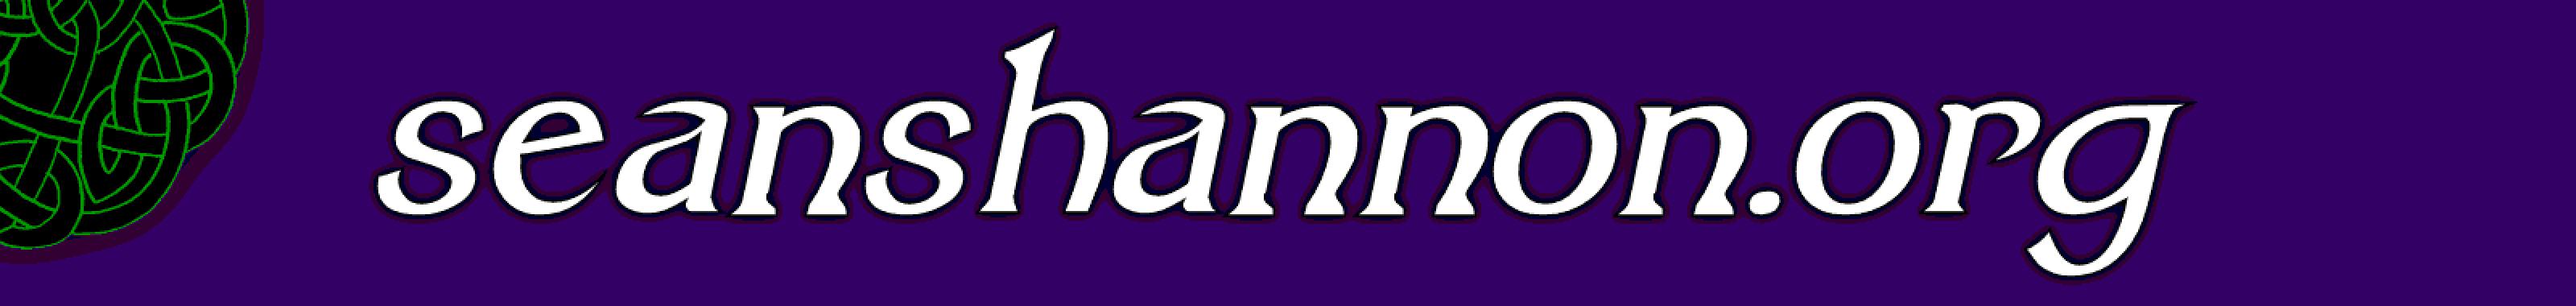 seanshannon.org